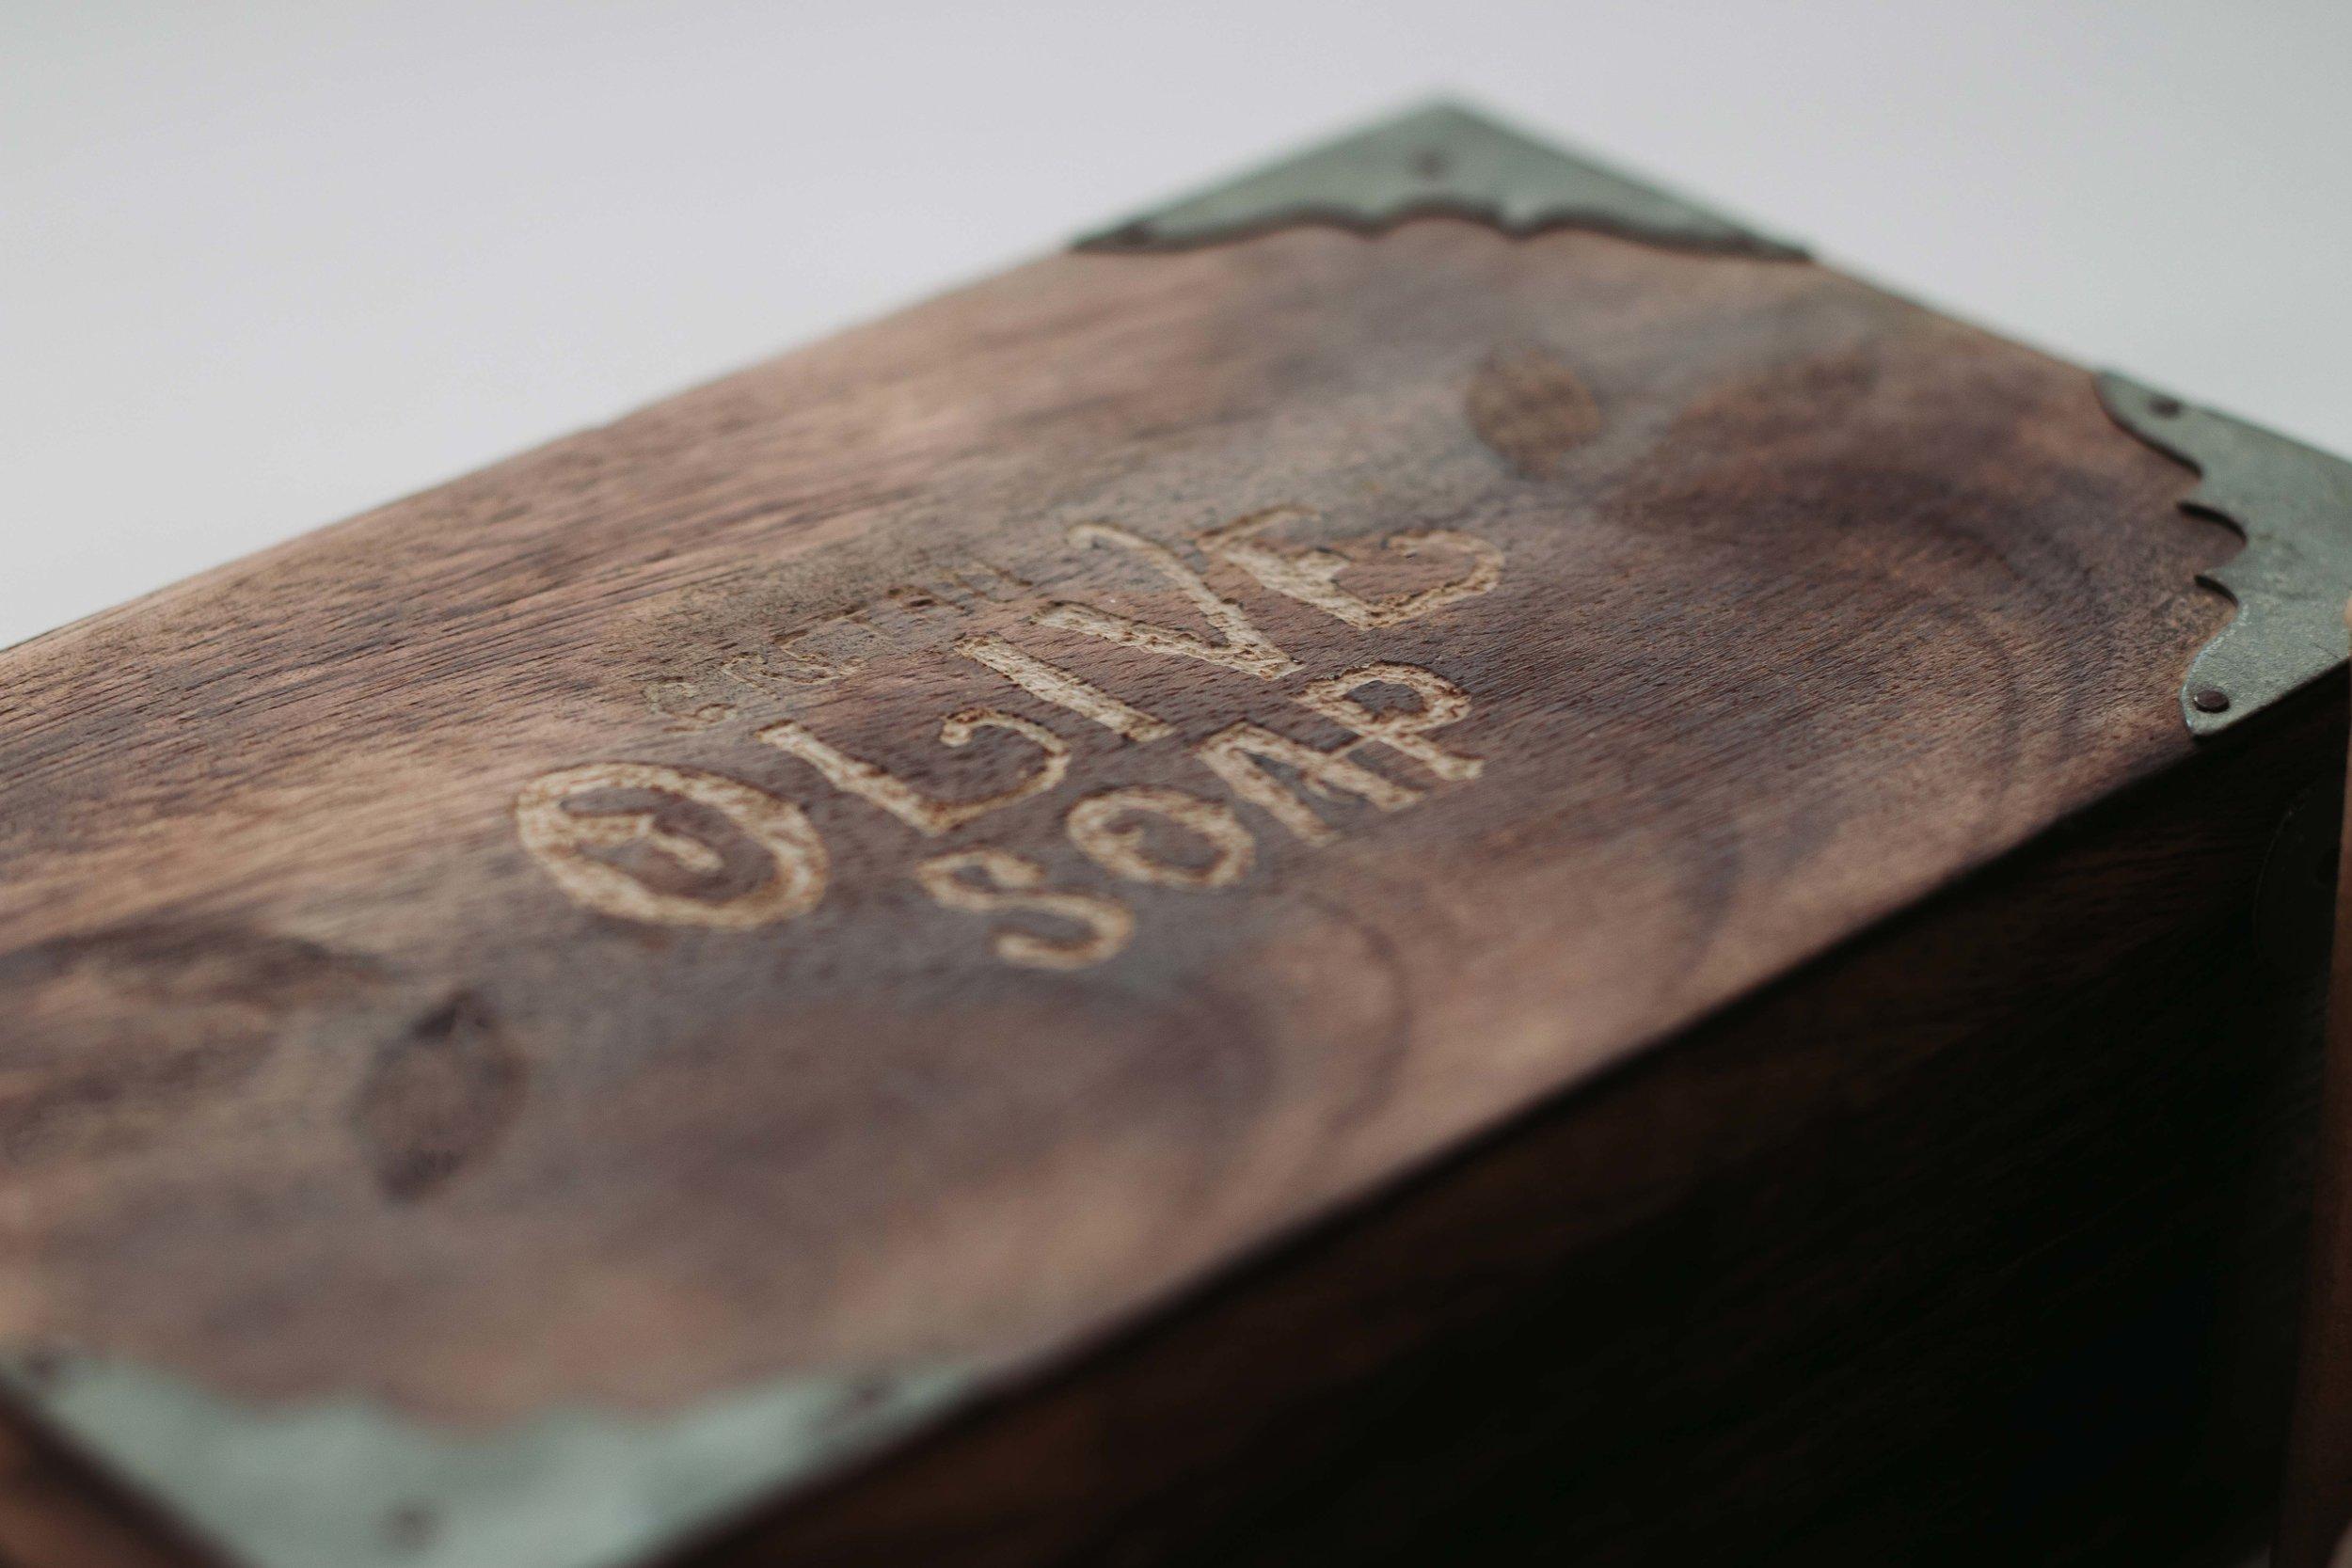 Epigrafeio Creative Factory - Cretan Olive Soap5.jpg